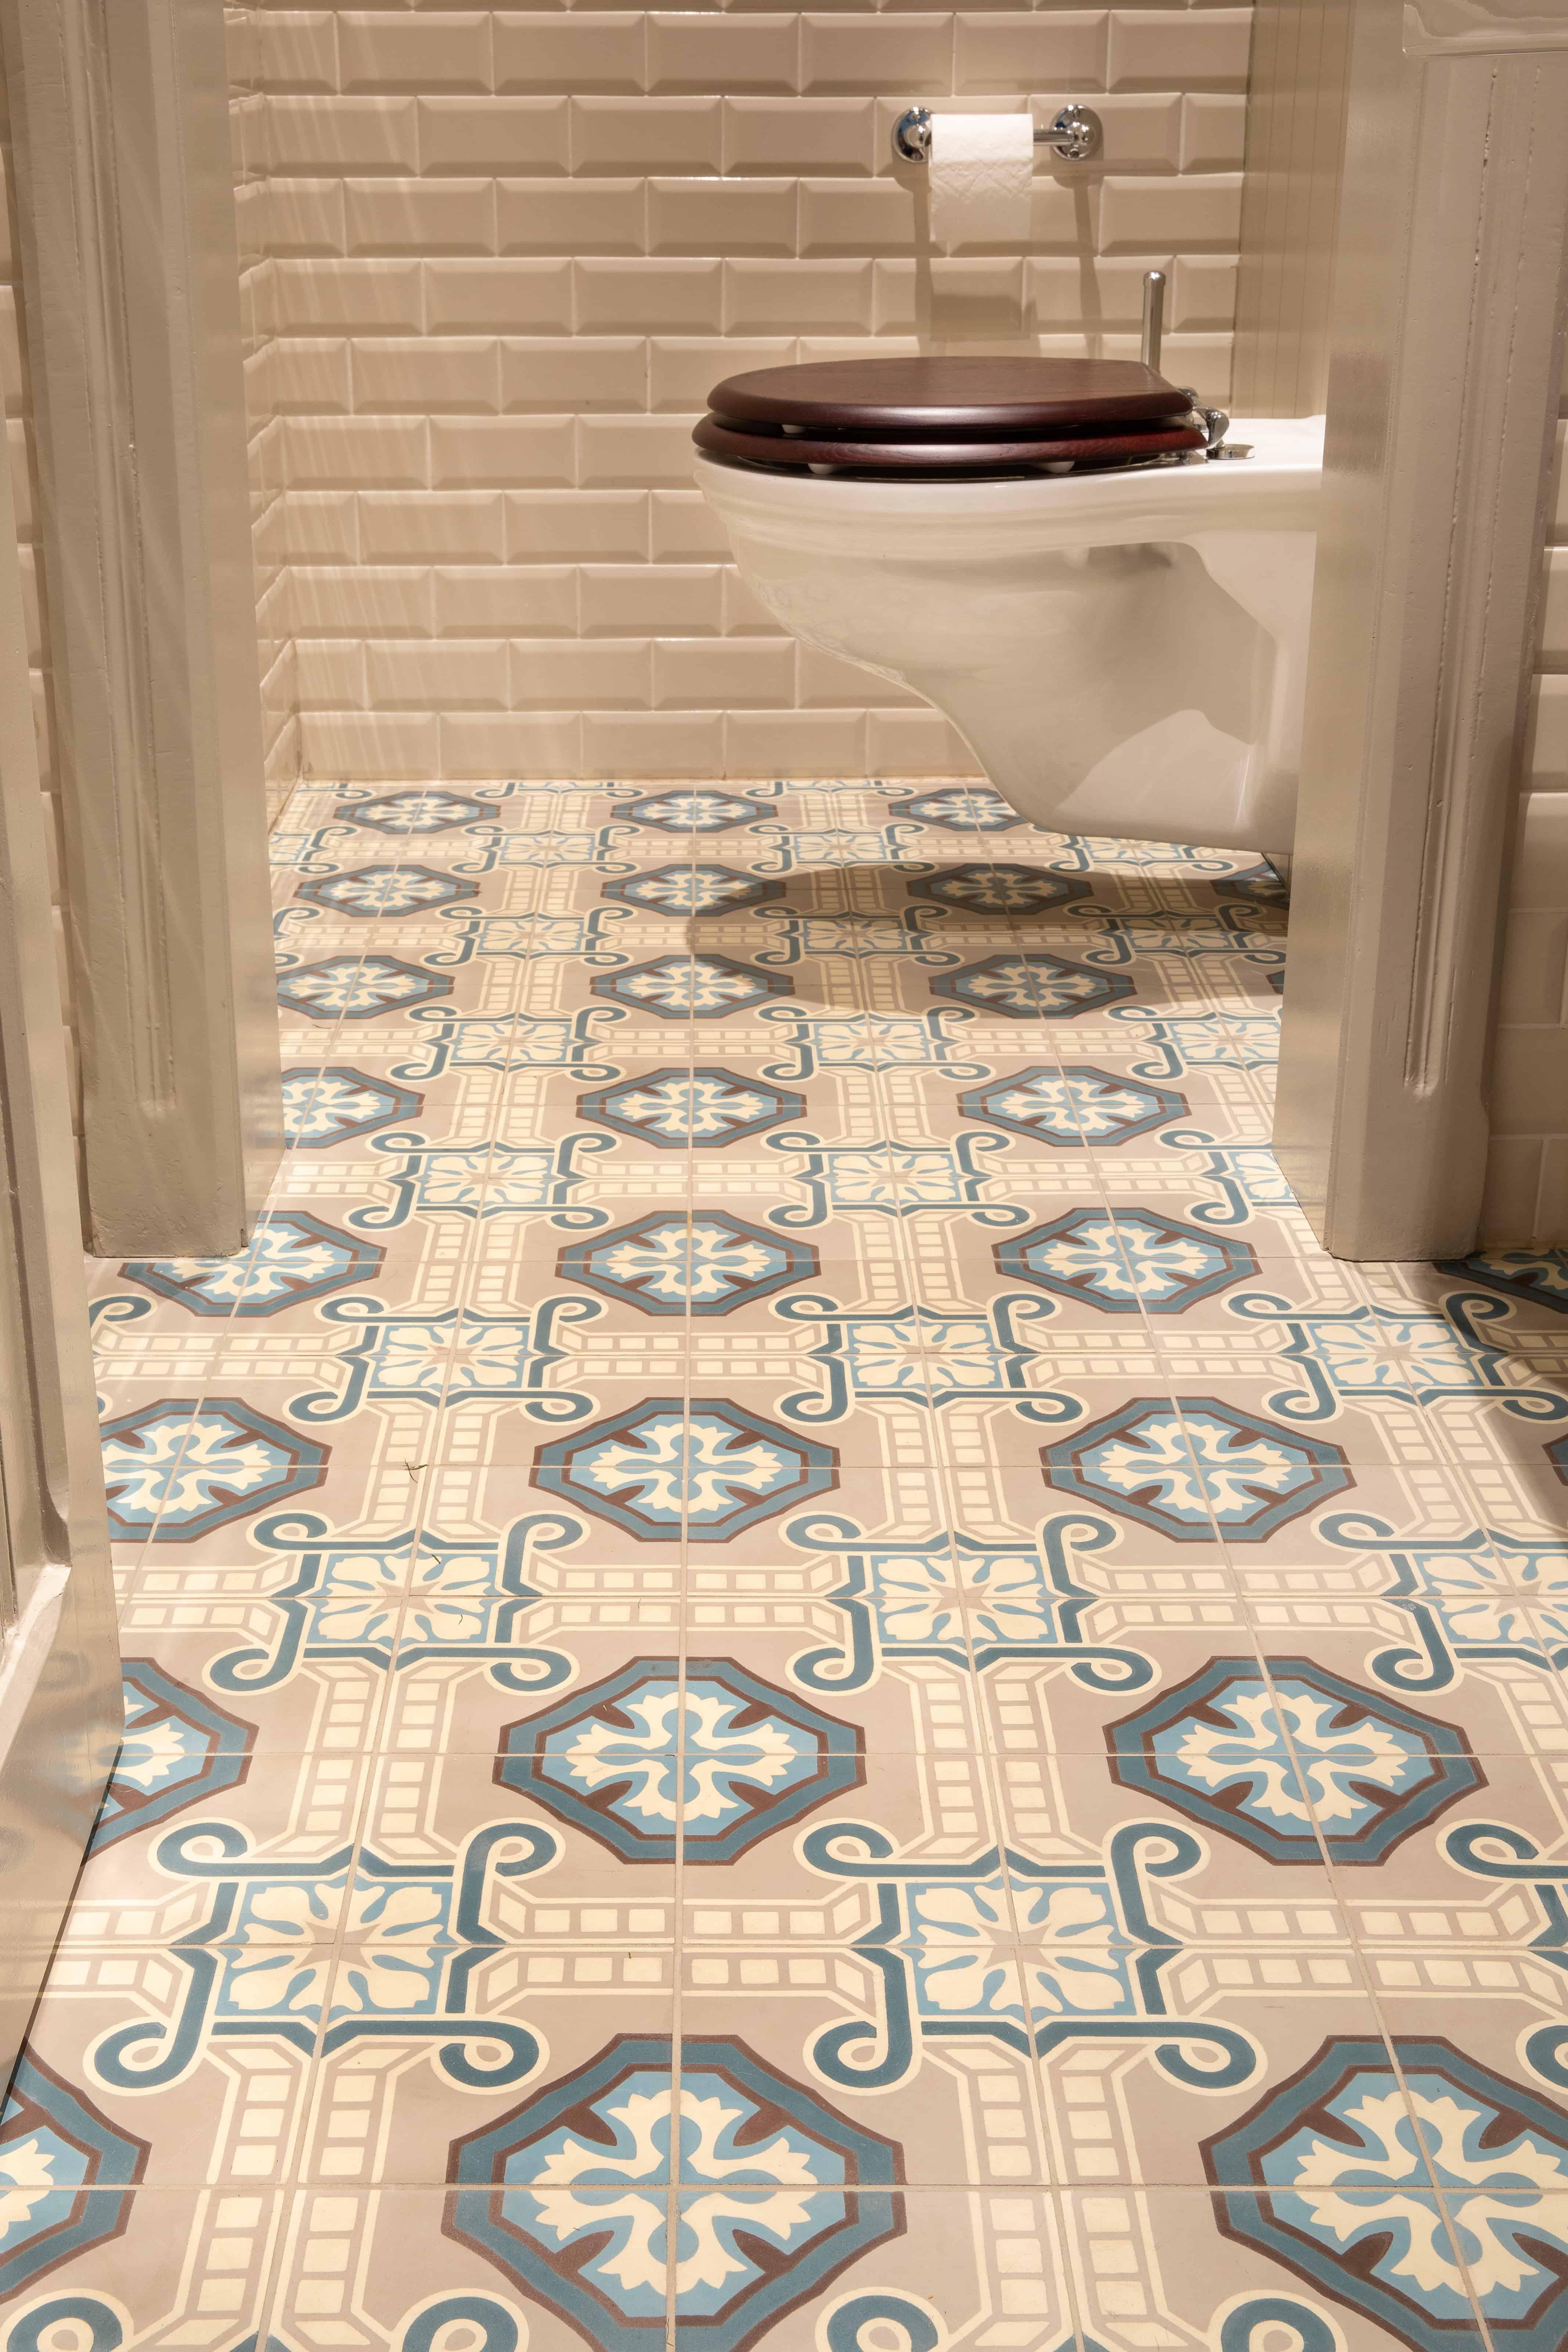 Toilet - WC - met klassieke, oude, rustieke tegels